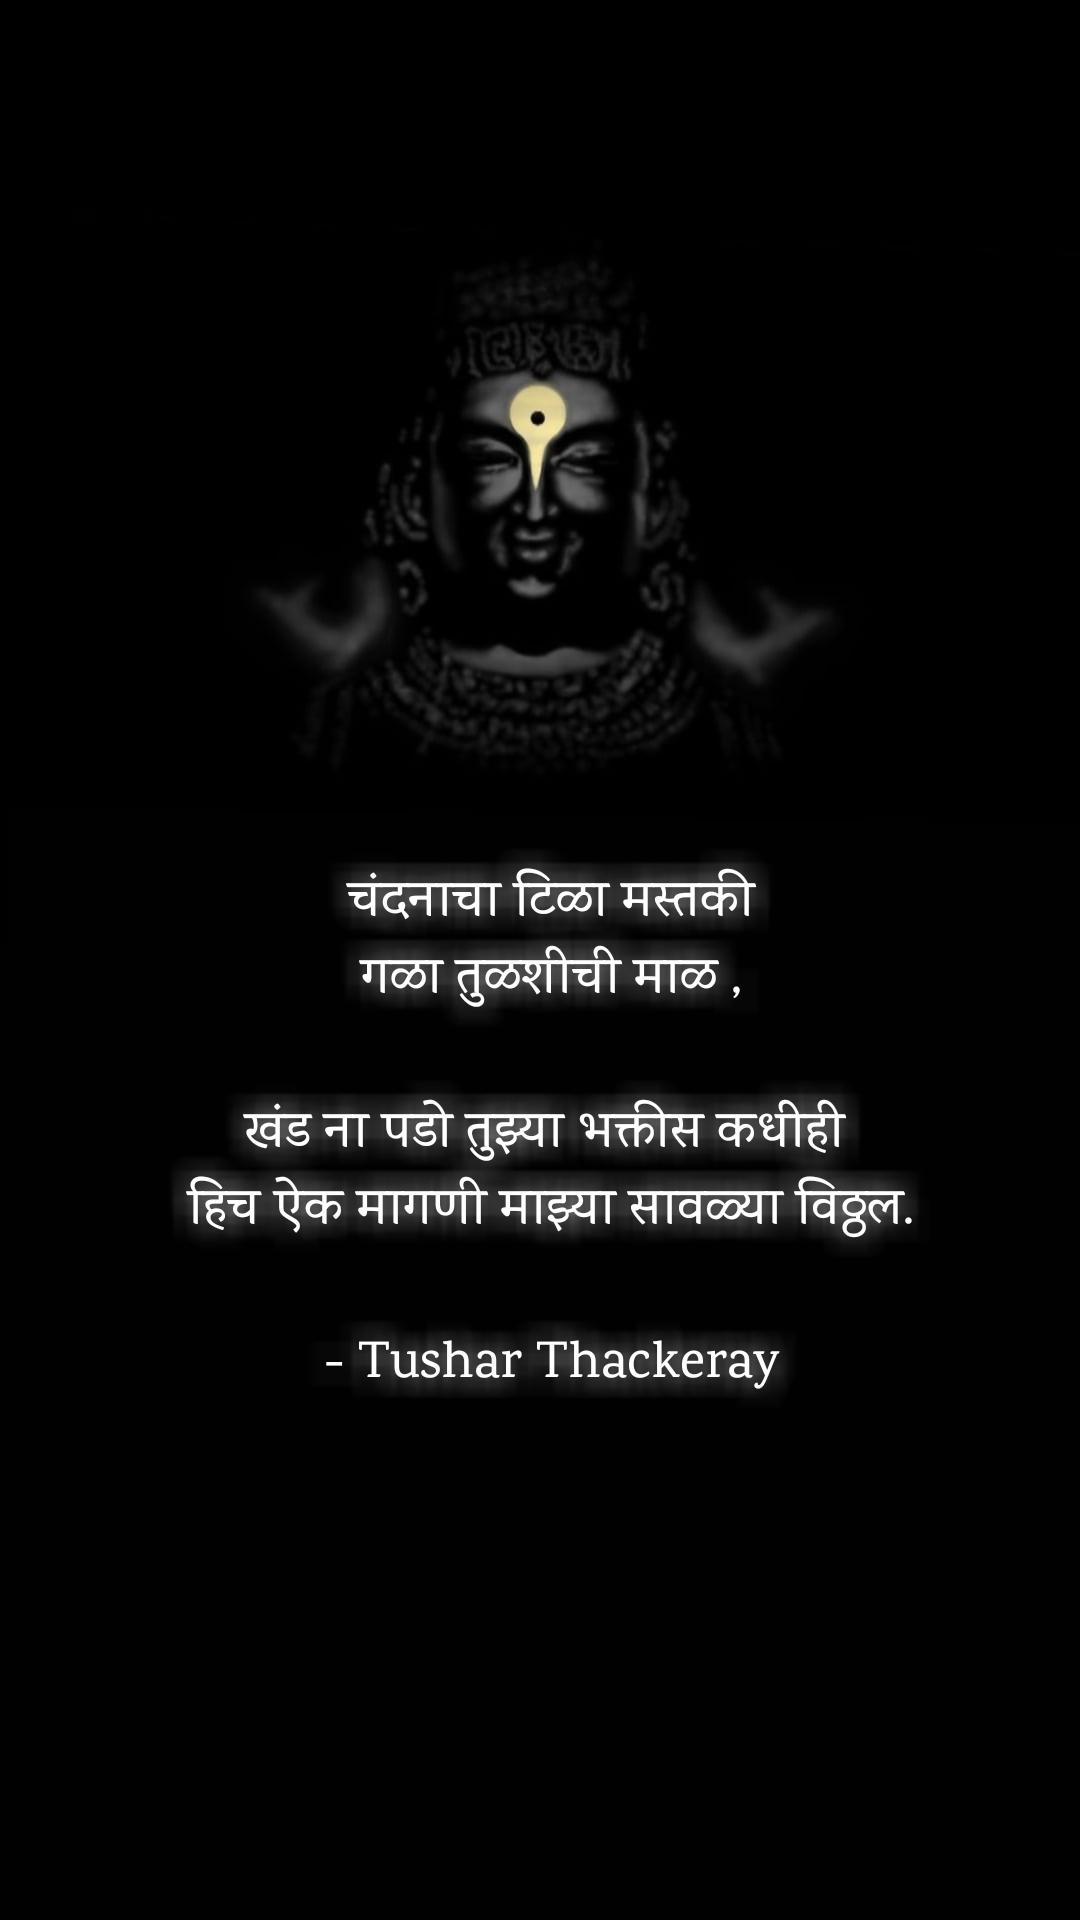 चंदनाचा टिळा मस्तकी गळा तुळशीची माळ ,  खंड ना पडो तुझ्या भक्तीस कधीही  हिच ऐक मागणी माझ्या सावळ्या विठ्ठल.  - Tushar Thackeray